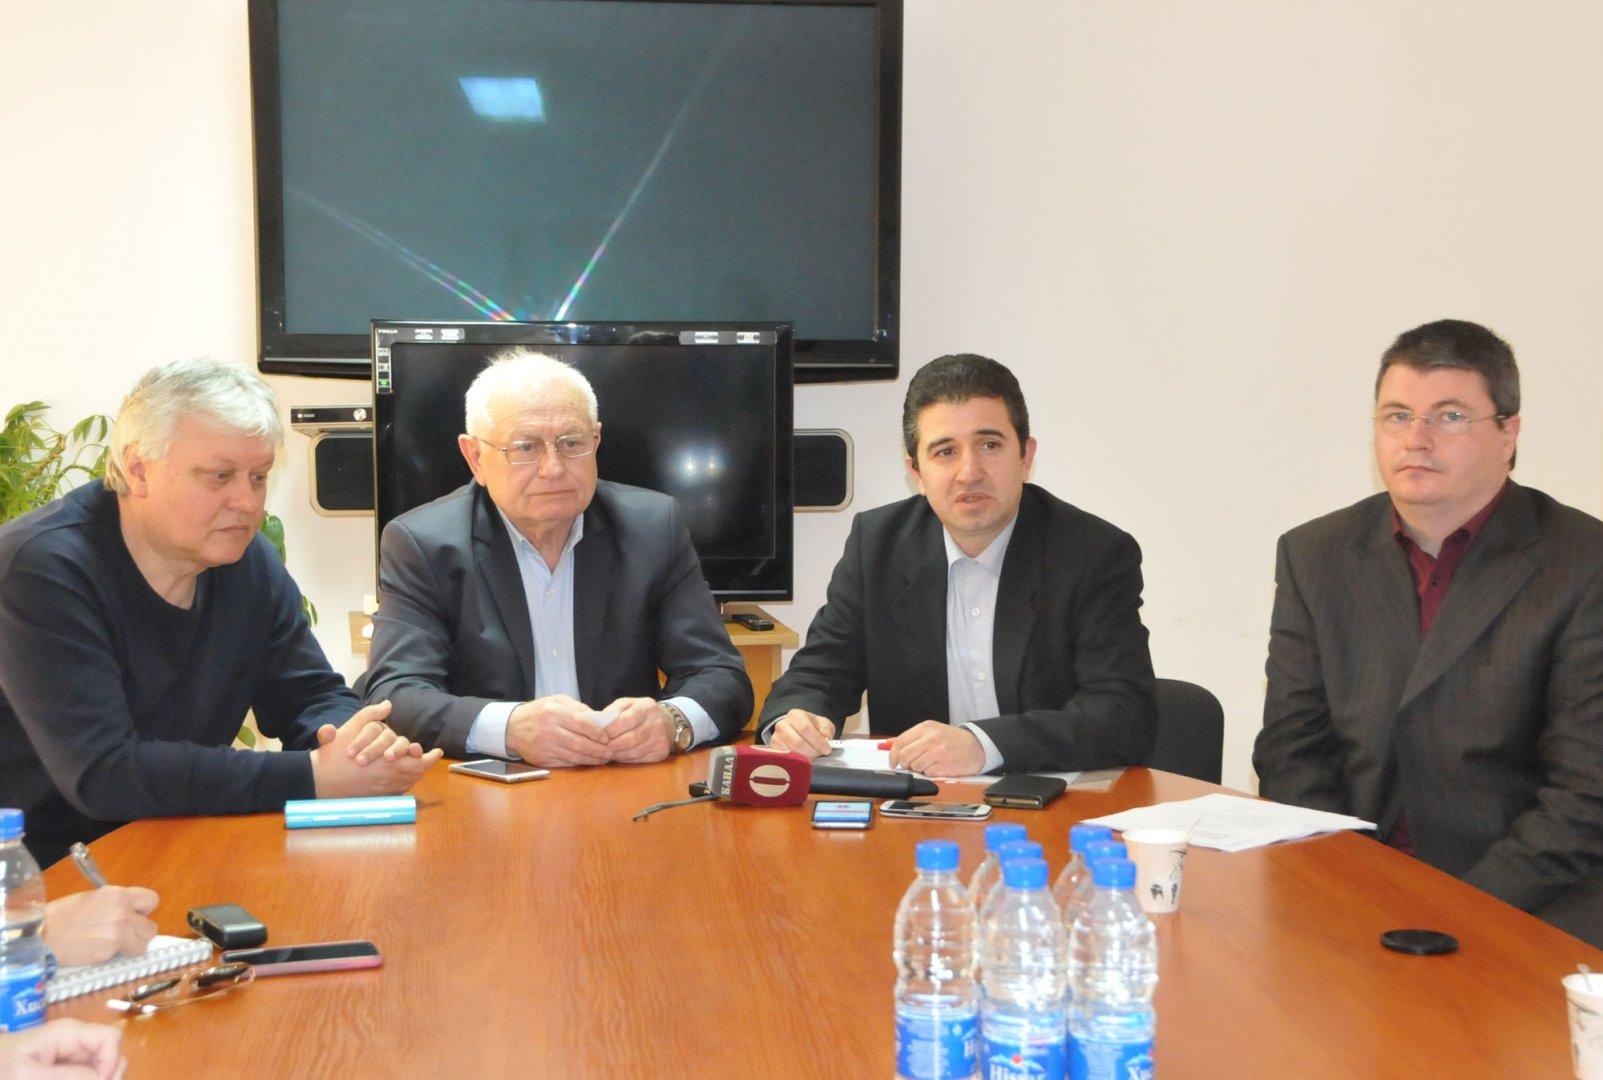 Общинските съветници от БСП очакват отговори на въпросите си на предстоящата сесия на ОбС. Снимки Лина Главинова